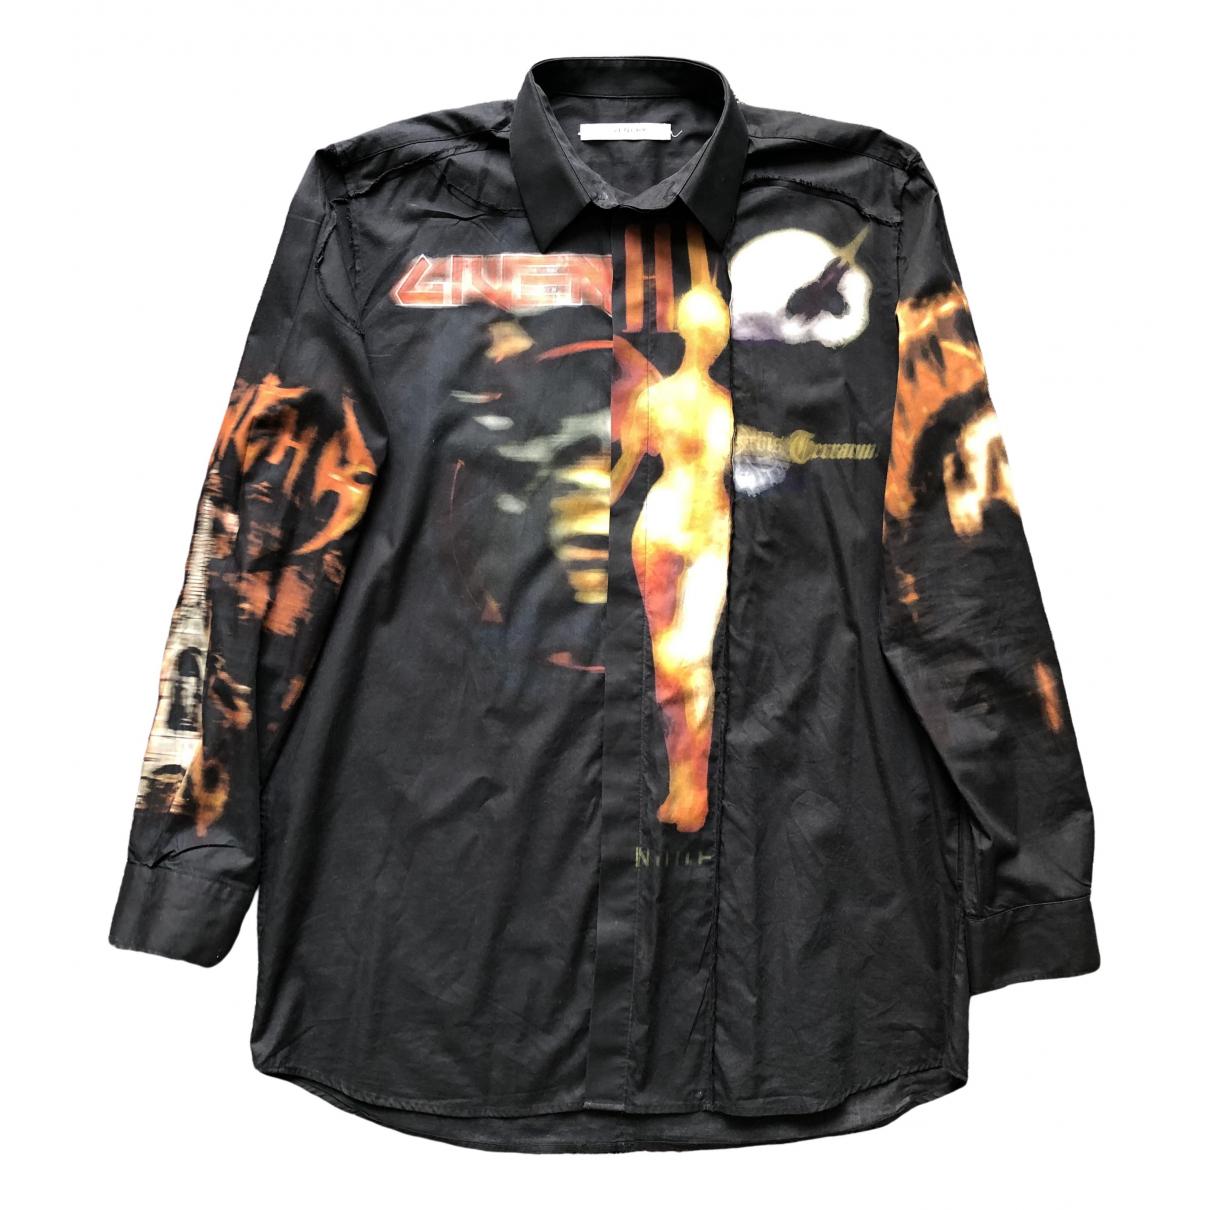 Givenchy \N Black Cotton Shirts for Men 41 EU (tour de cou / collar)